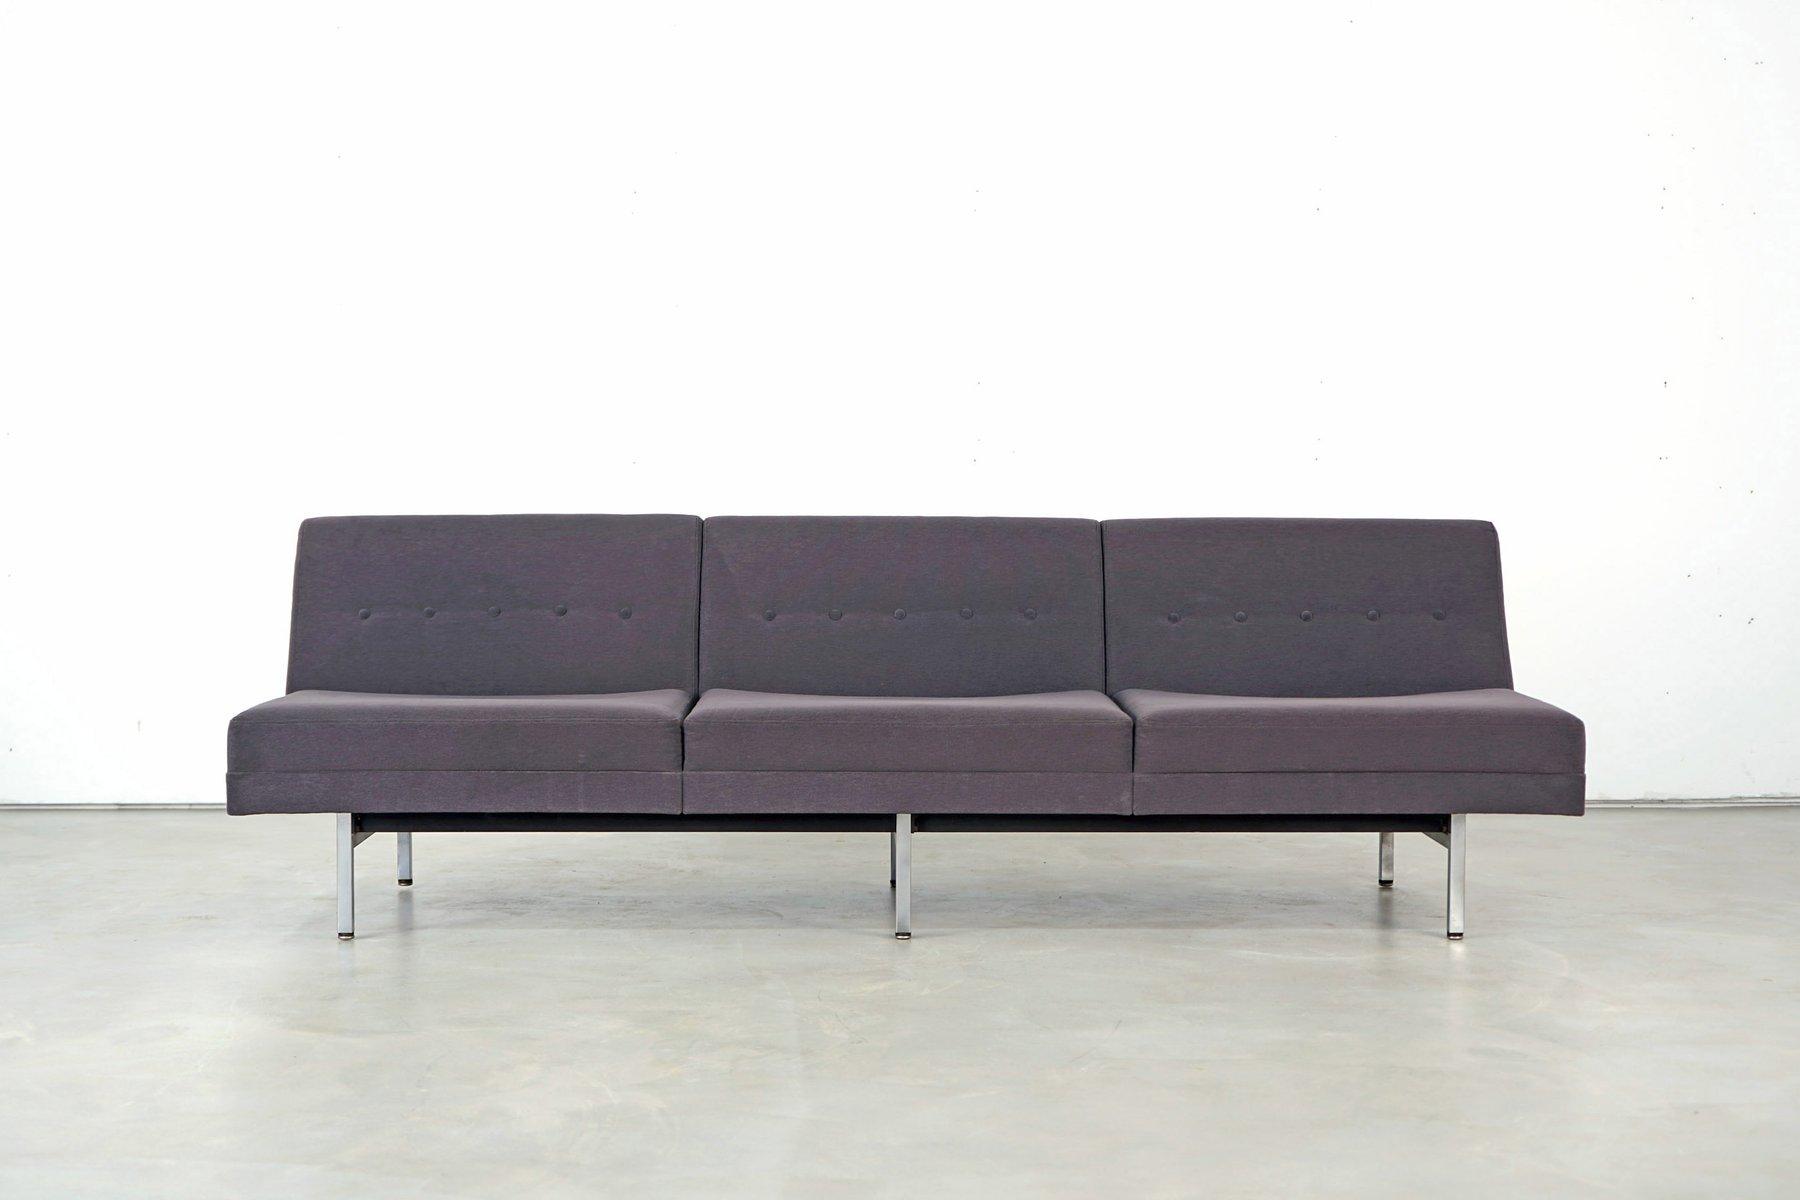 3-Sitzer Sofa aus Modular Seating Serie von George Nelson für Herman M...